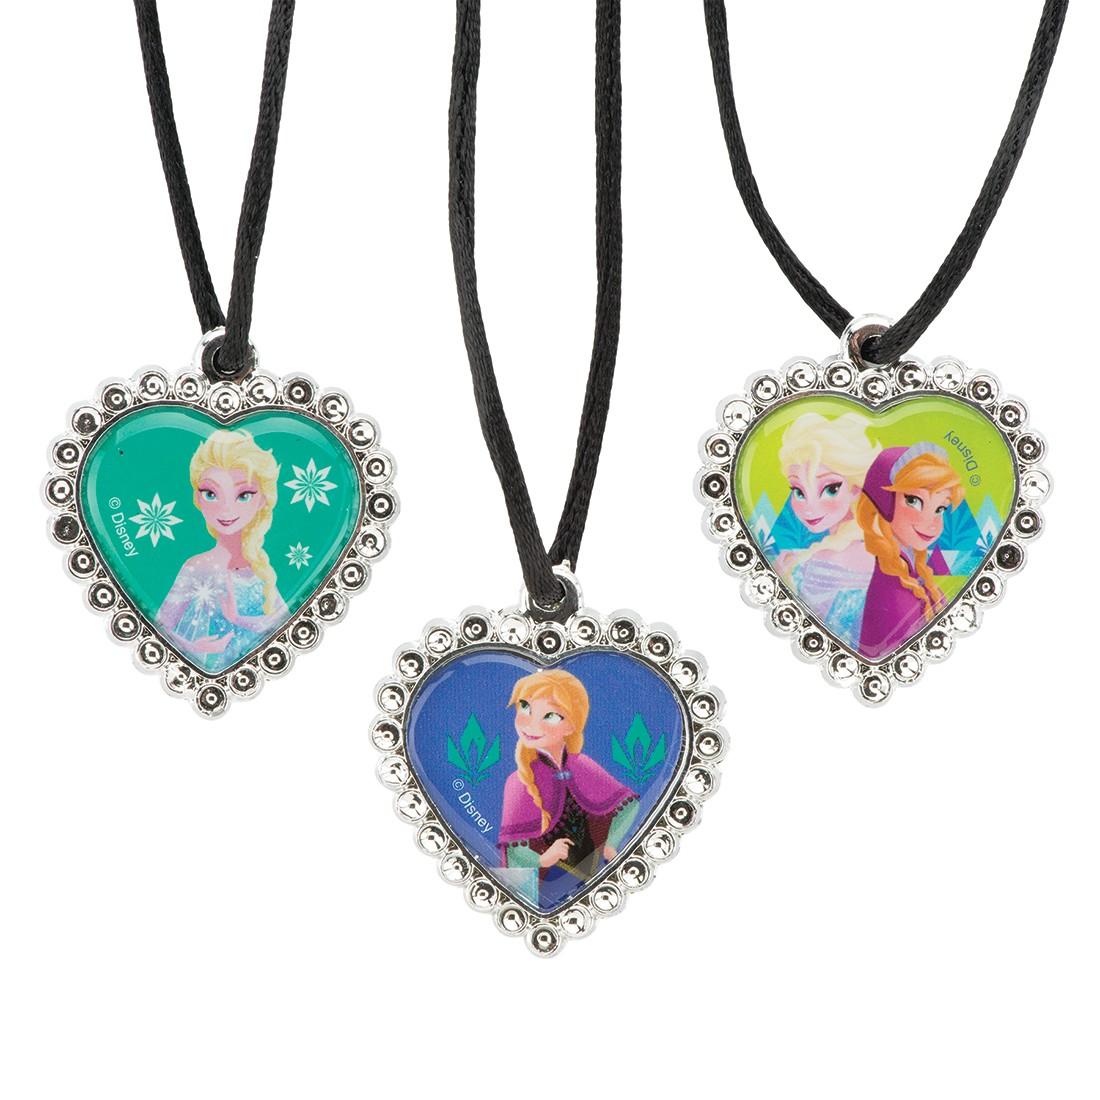 Disney Frozen Jewel Heart Necklaces [image]